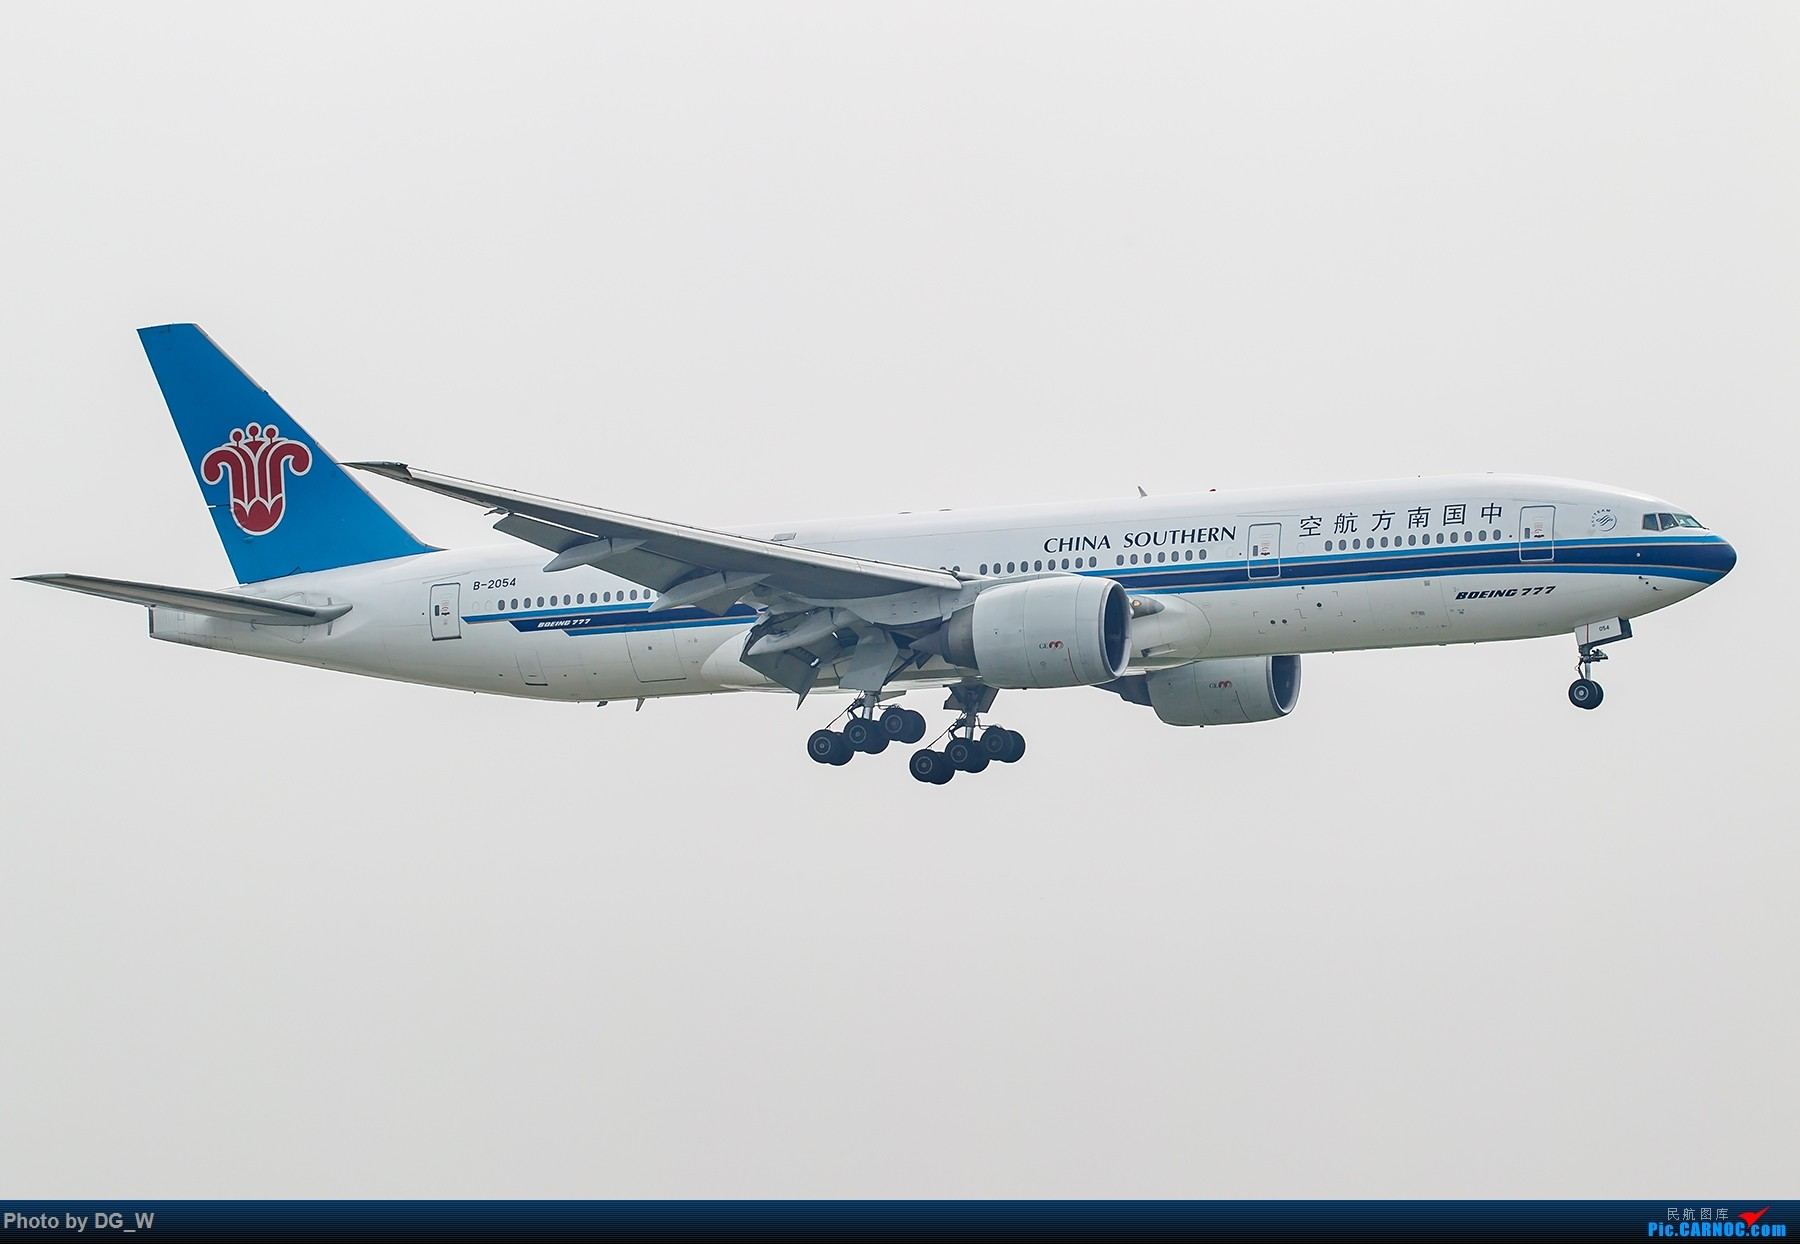 Re:[原创]【南宁飞友】两月之内三次虹桥拍机,大雨中的吹水,水泥天的迪斯尼,晚点的789,不期而遇的ARJ BOEING 777-200 B-2054 中国上海虹桥国际机场